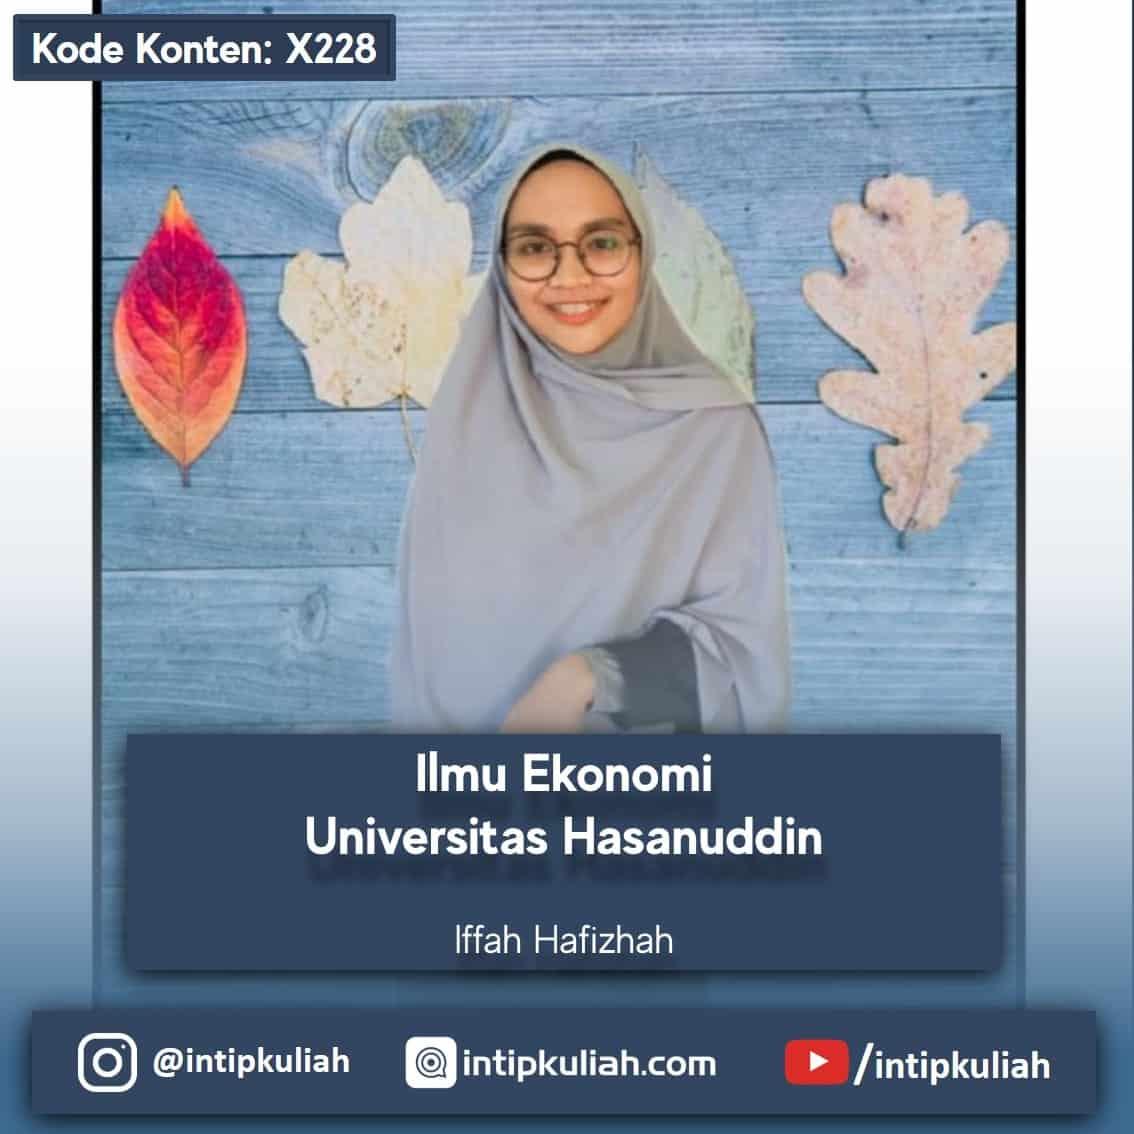 Ilmu Ekonomi Universitas Hasanuddin (Iffah)